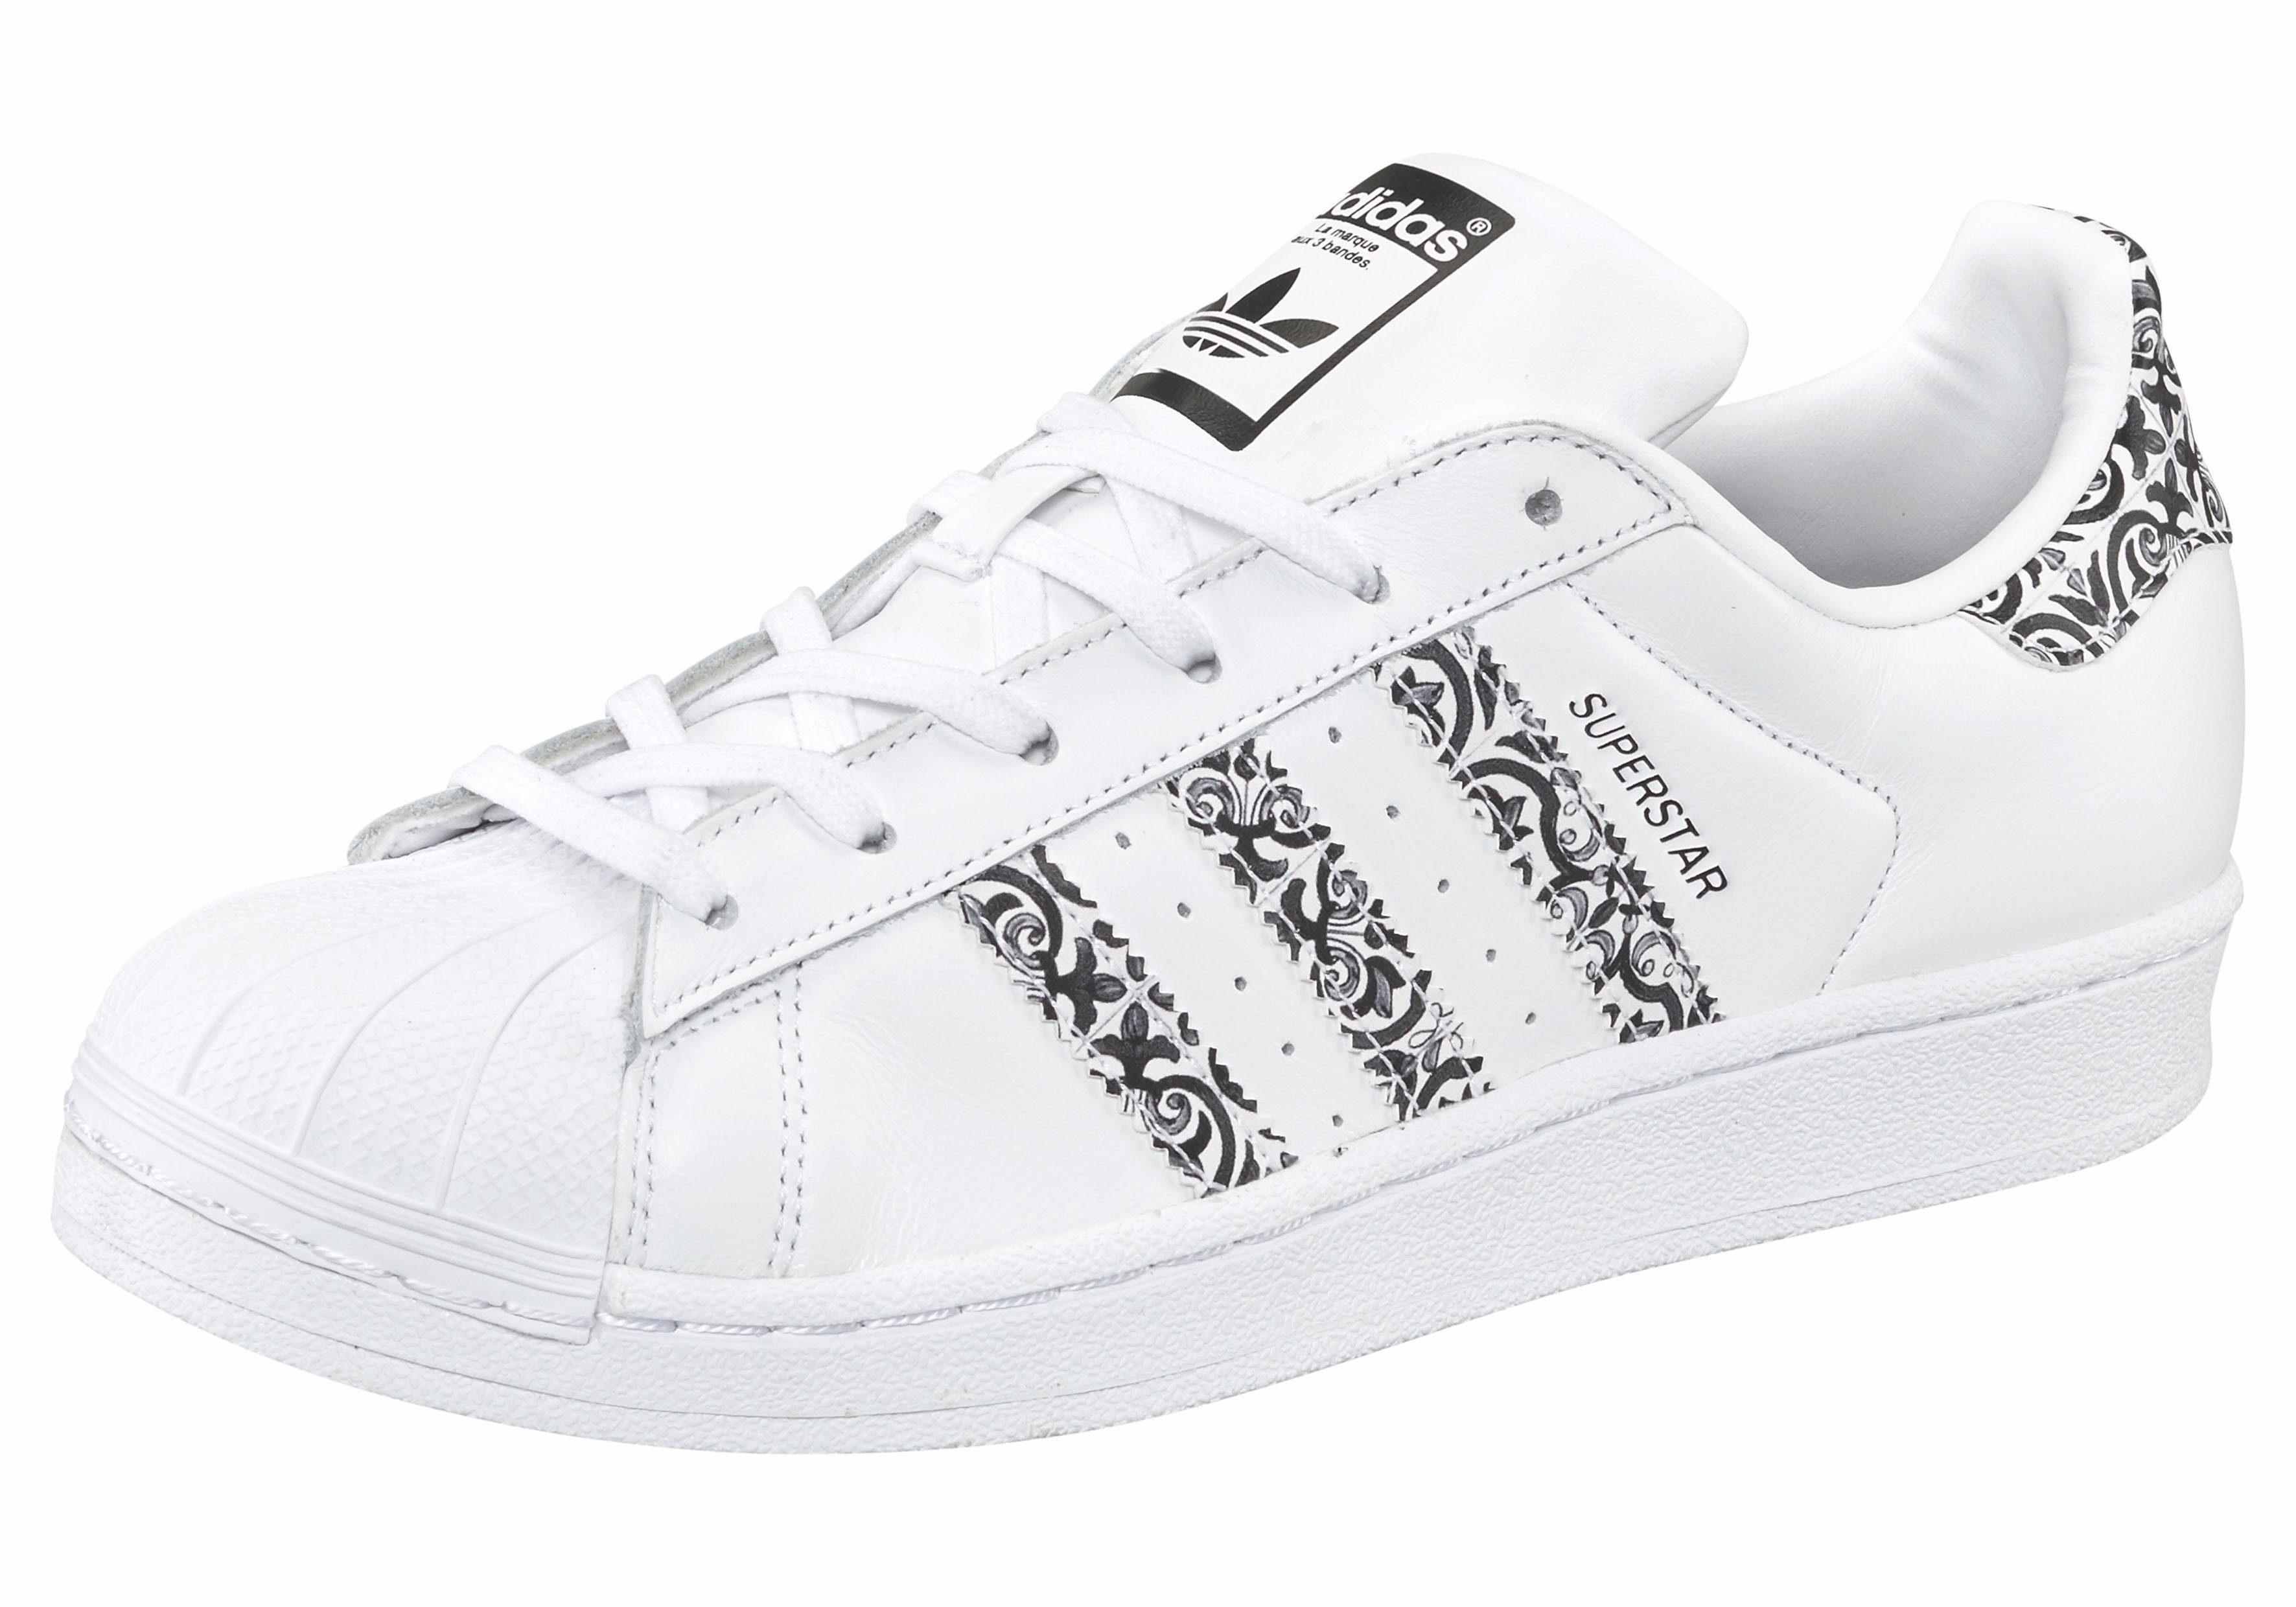 adidas superstar weer wit maken